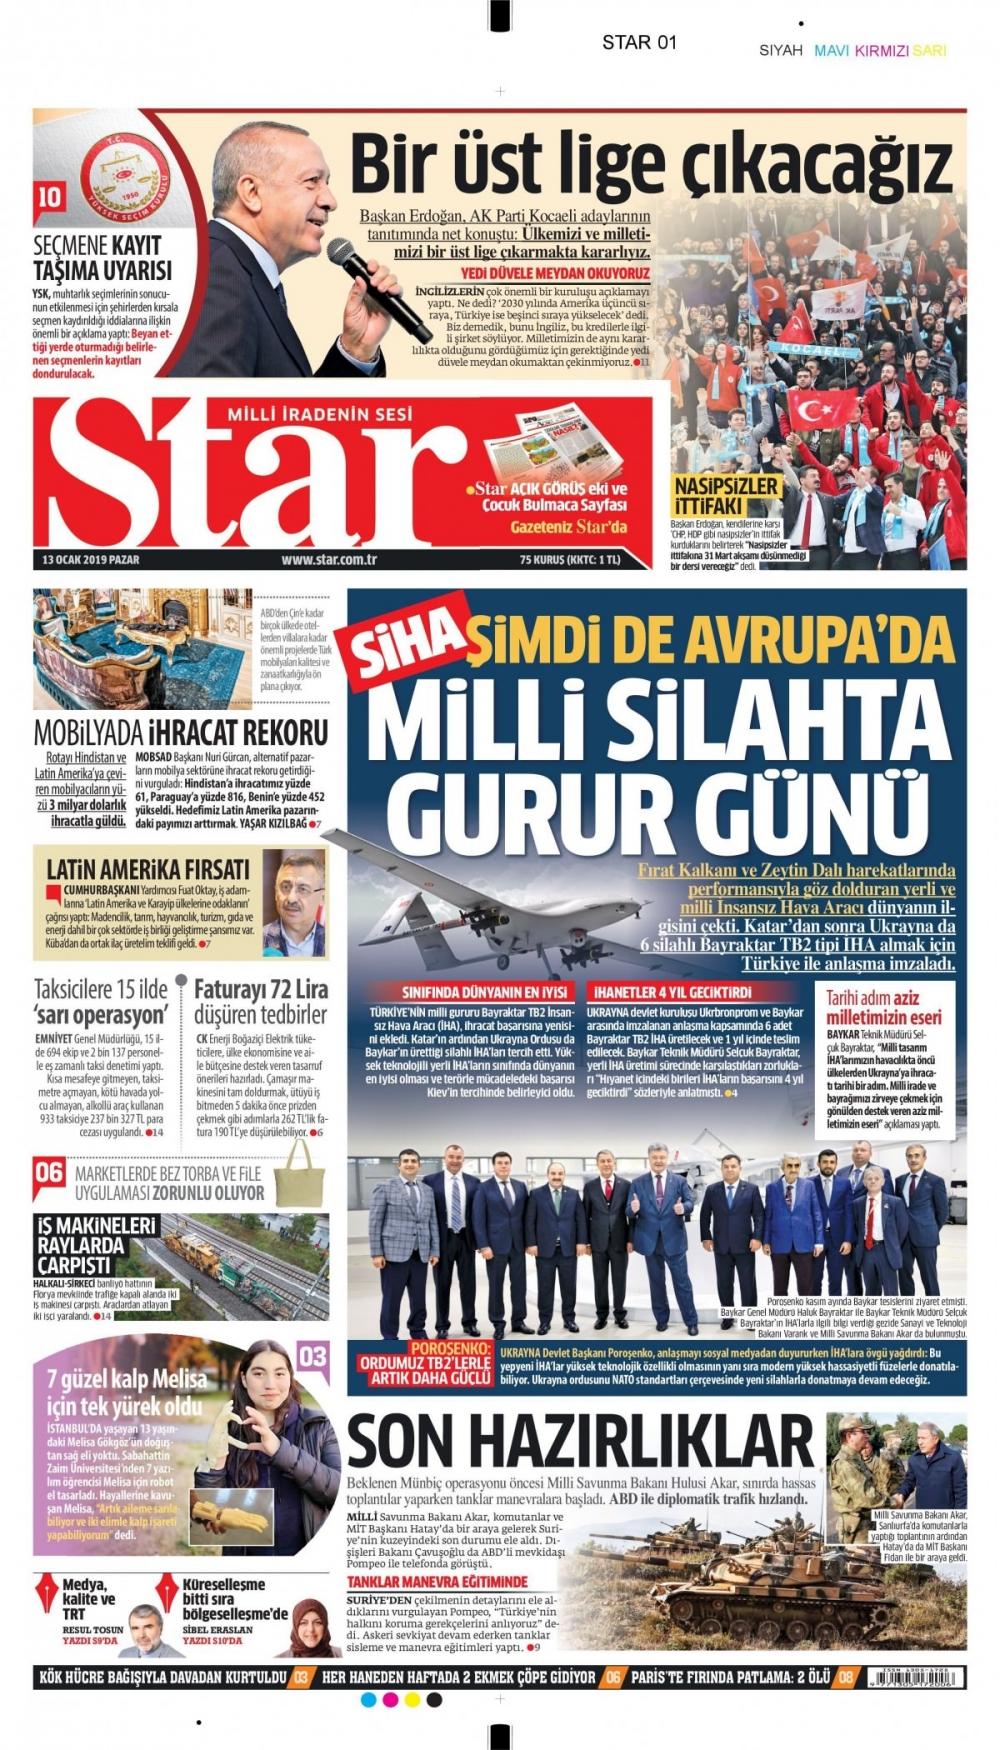 Günün gazete manşetleri (13.01.2019) 1